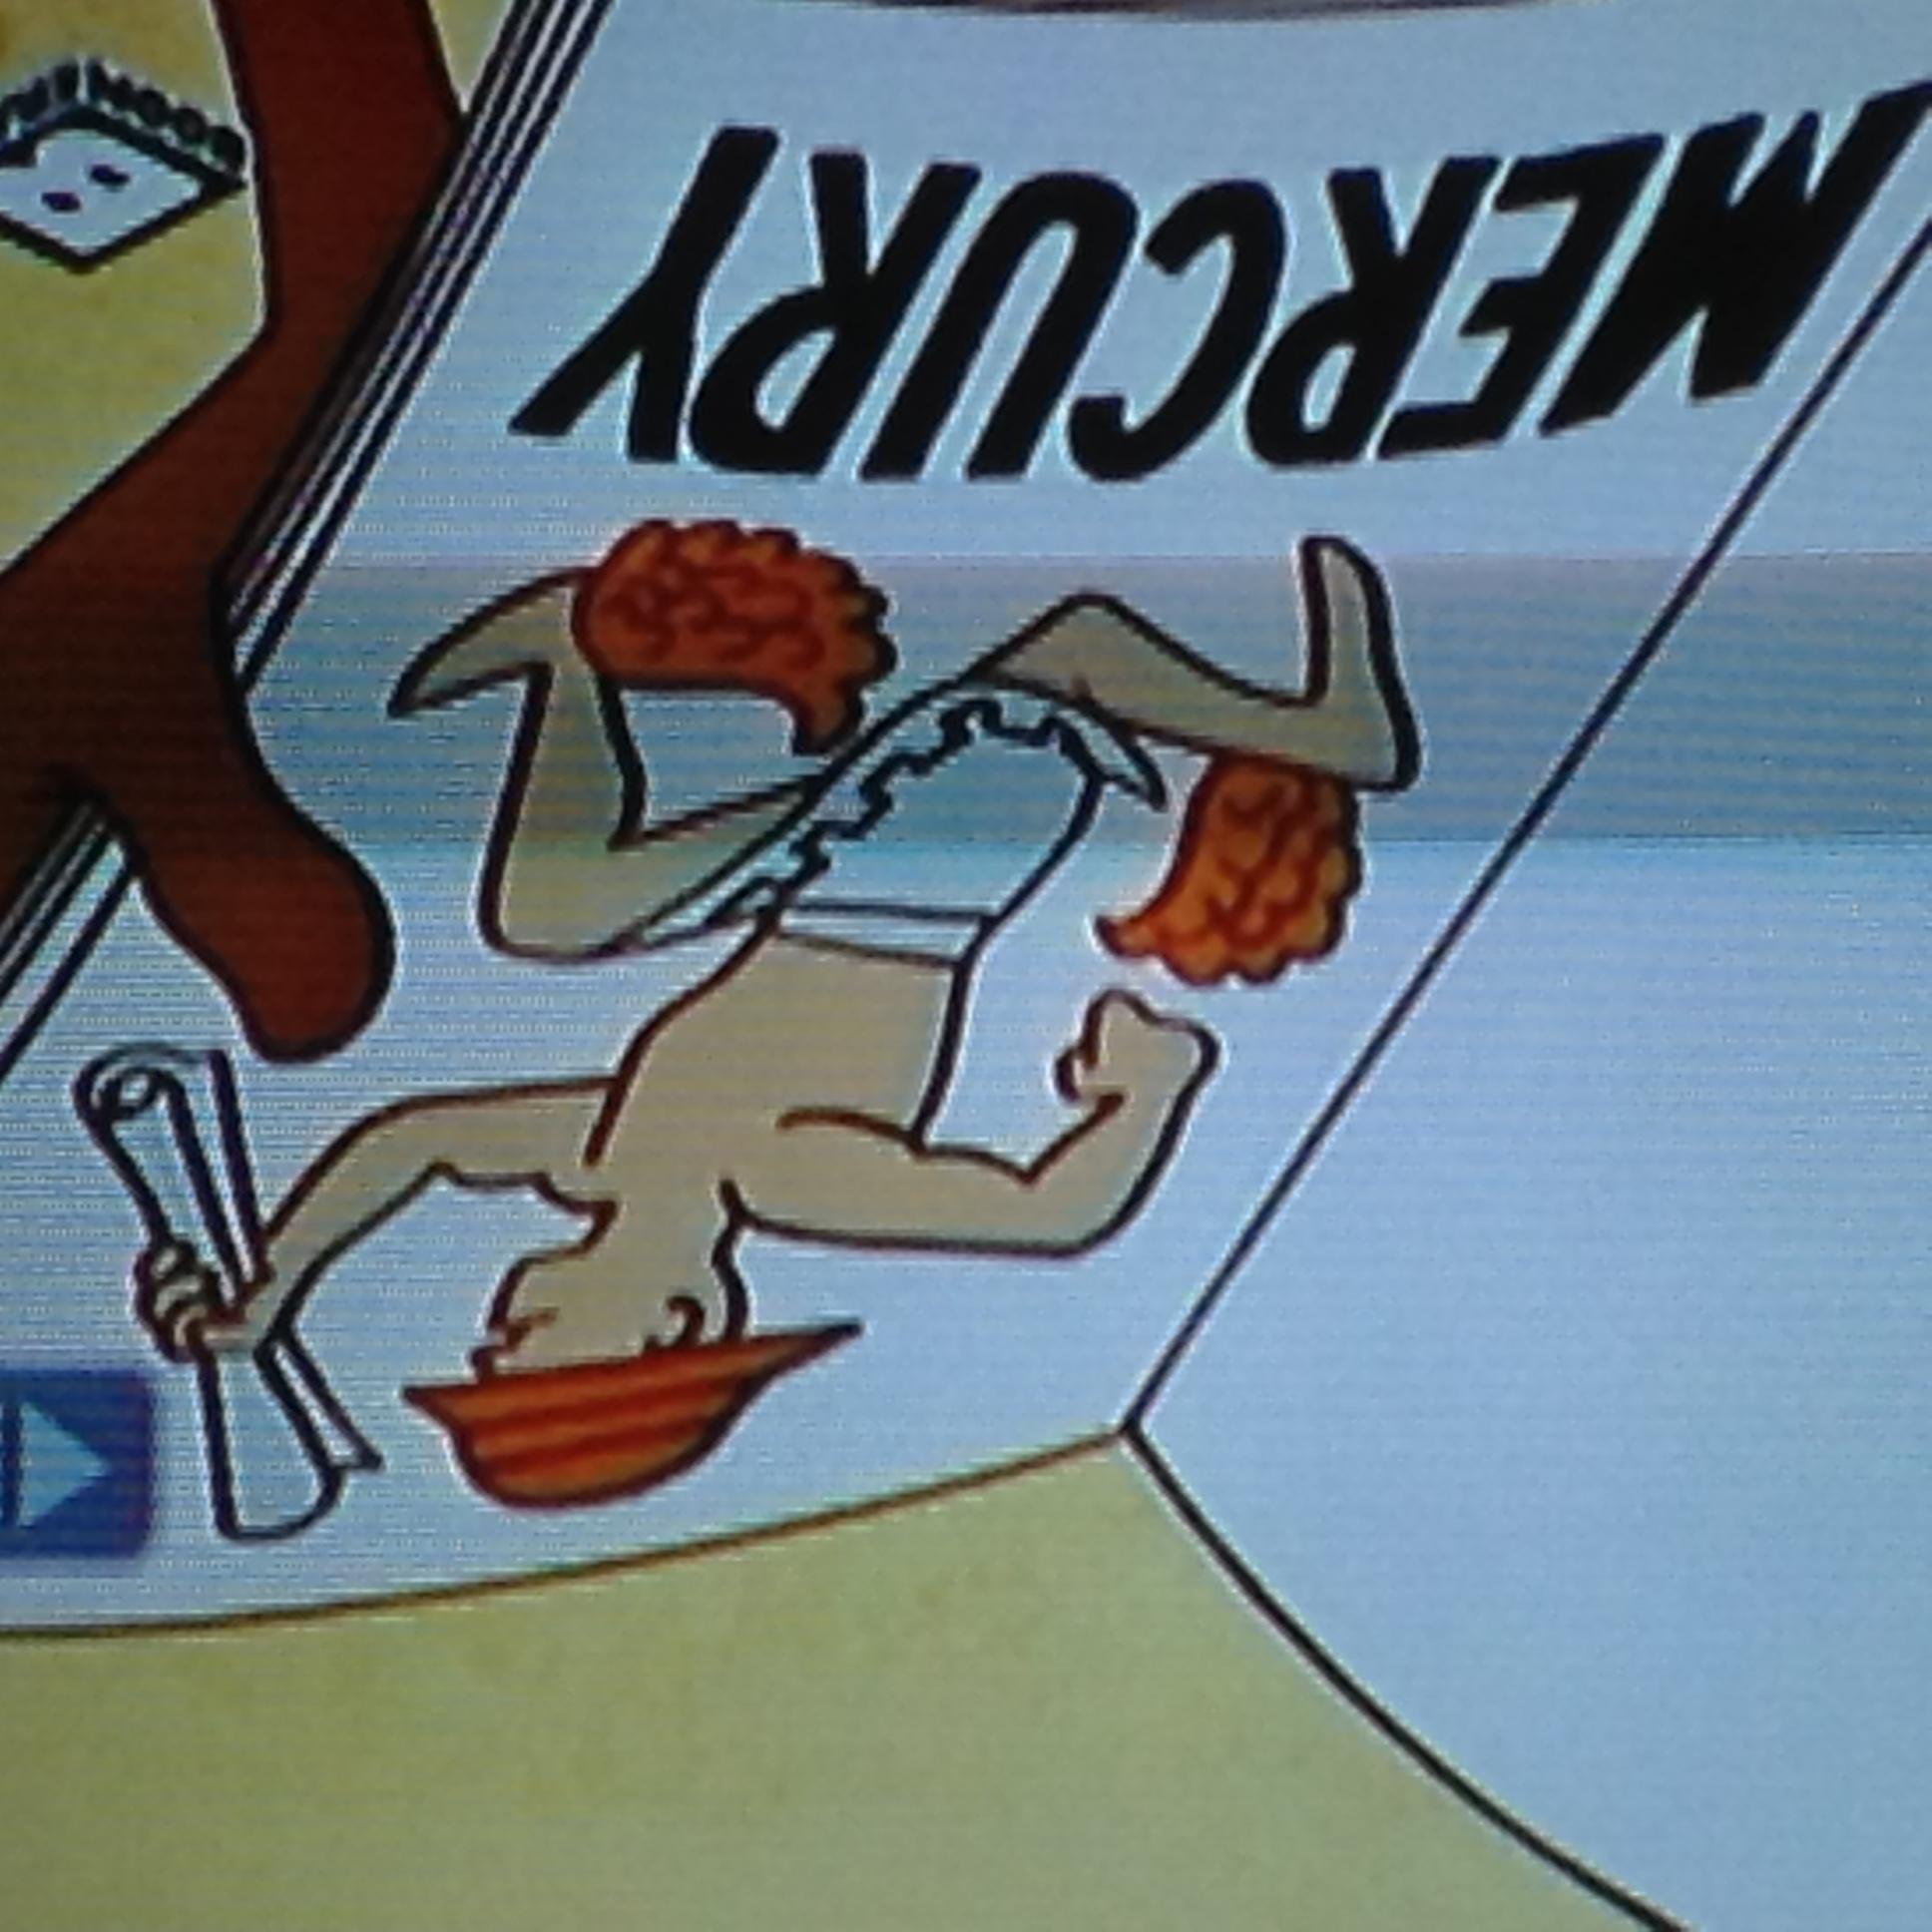 Mercury(Looney Tunes)